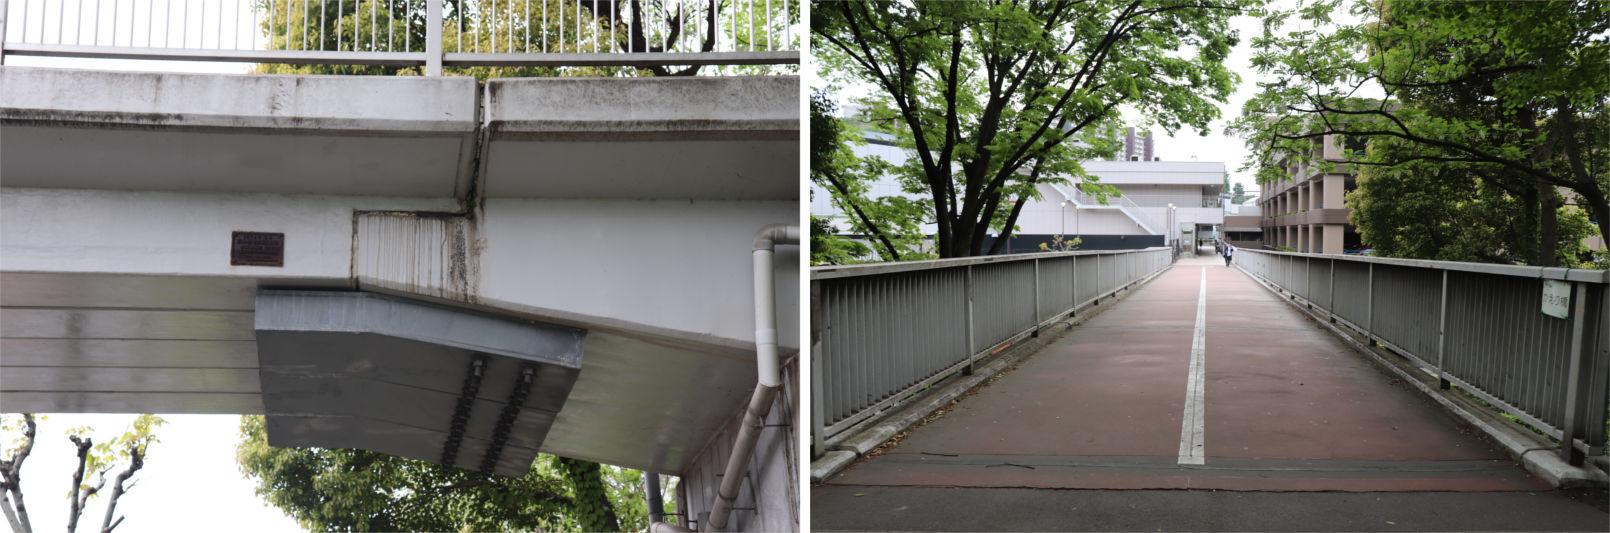 [多摩NTの橋ぜんぶ撮影PJ] No.26~30 弓の橋ほか_a0332275_17344985.jpg